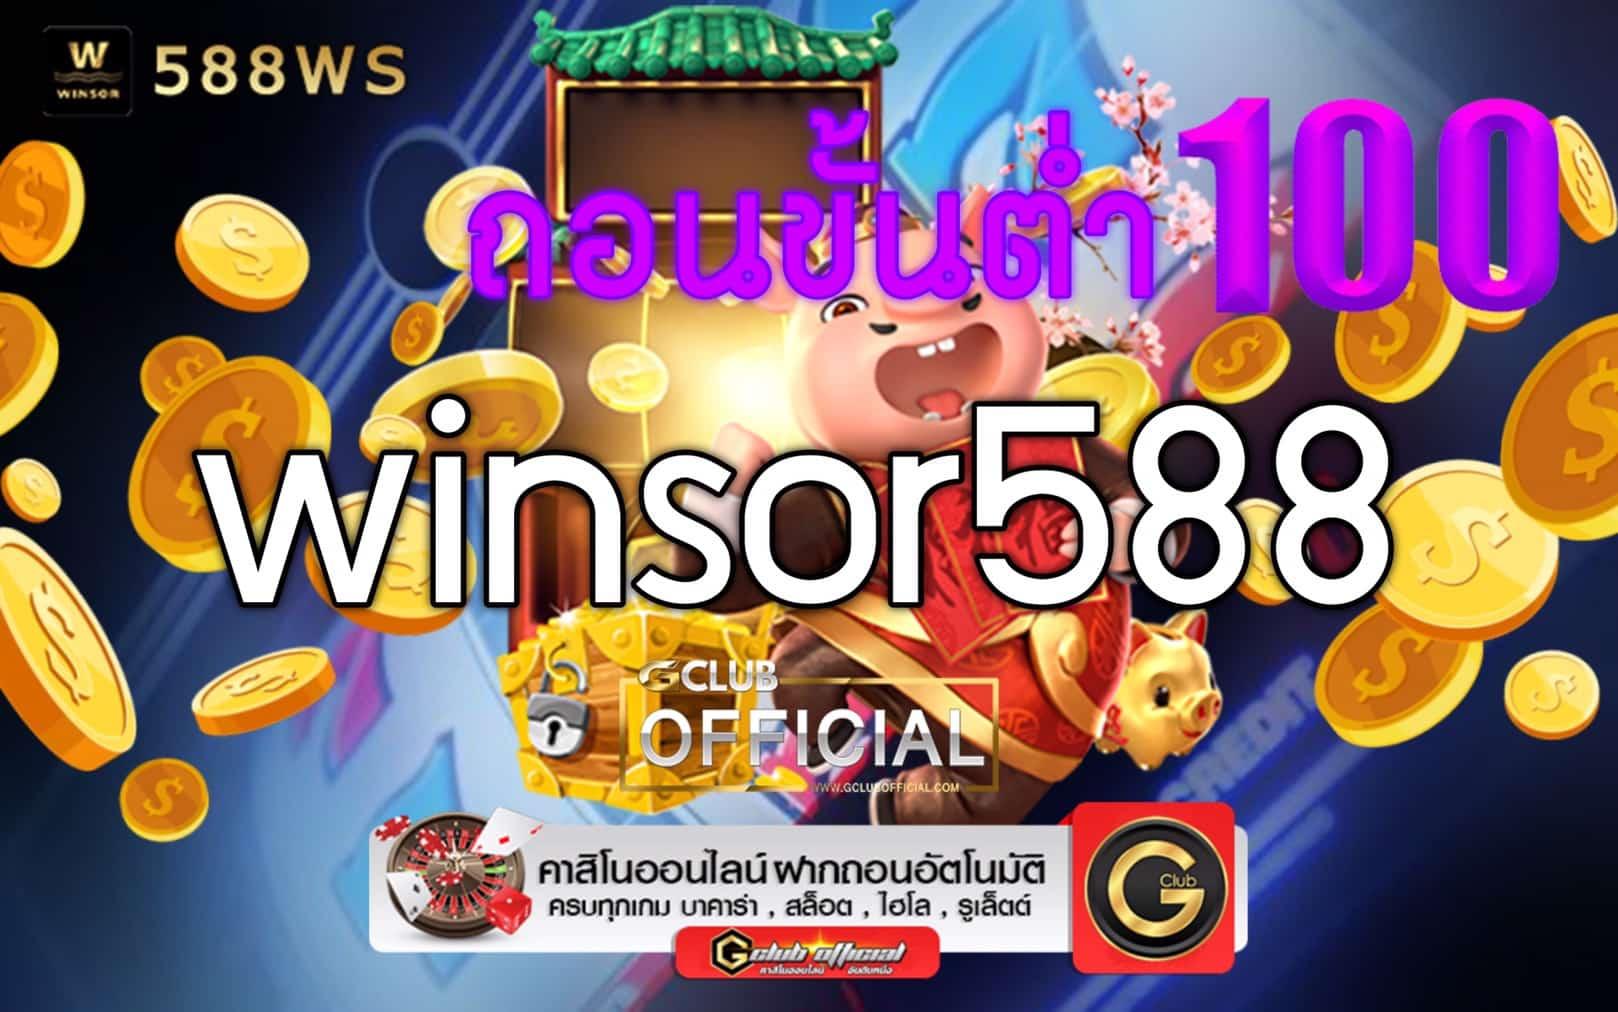 winsor588ถอนขั้นต่ำเพียง 100 บาท